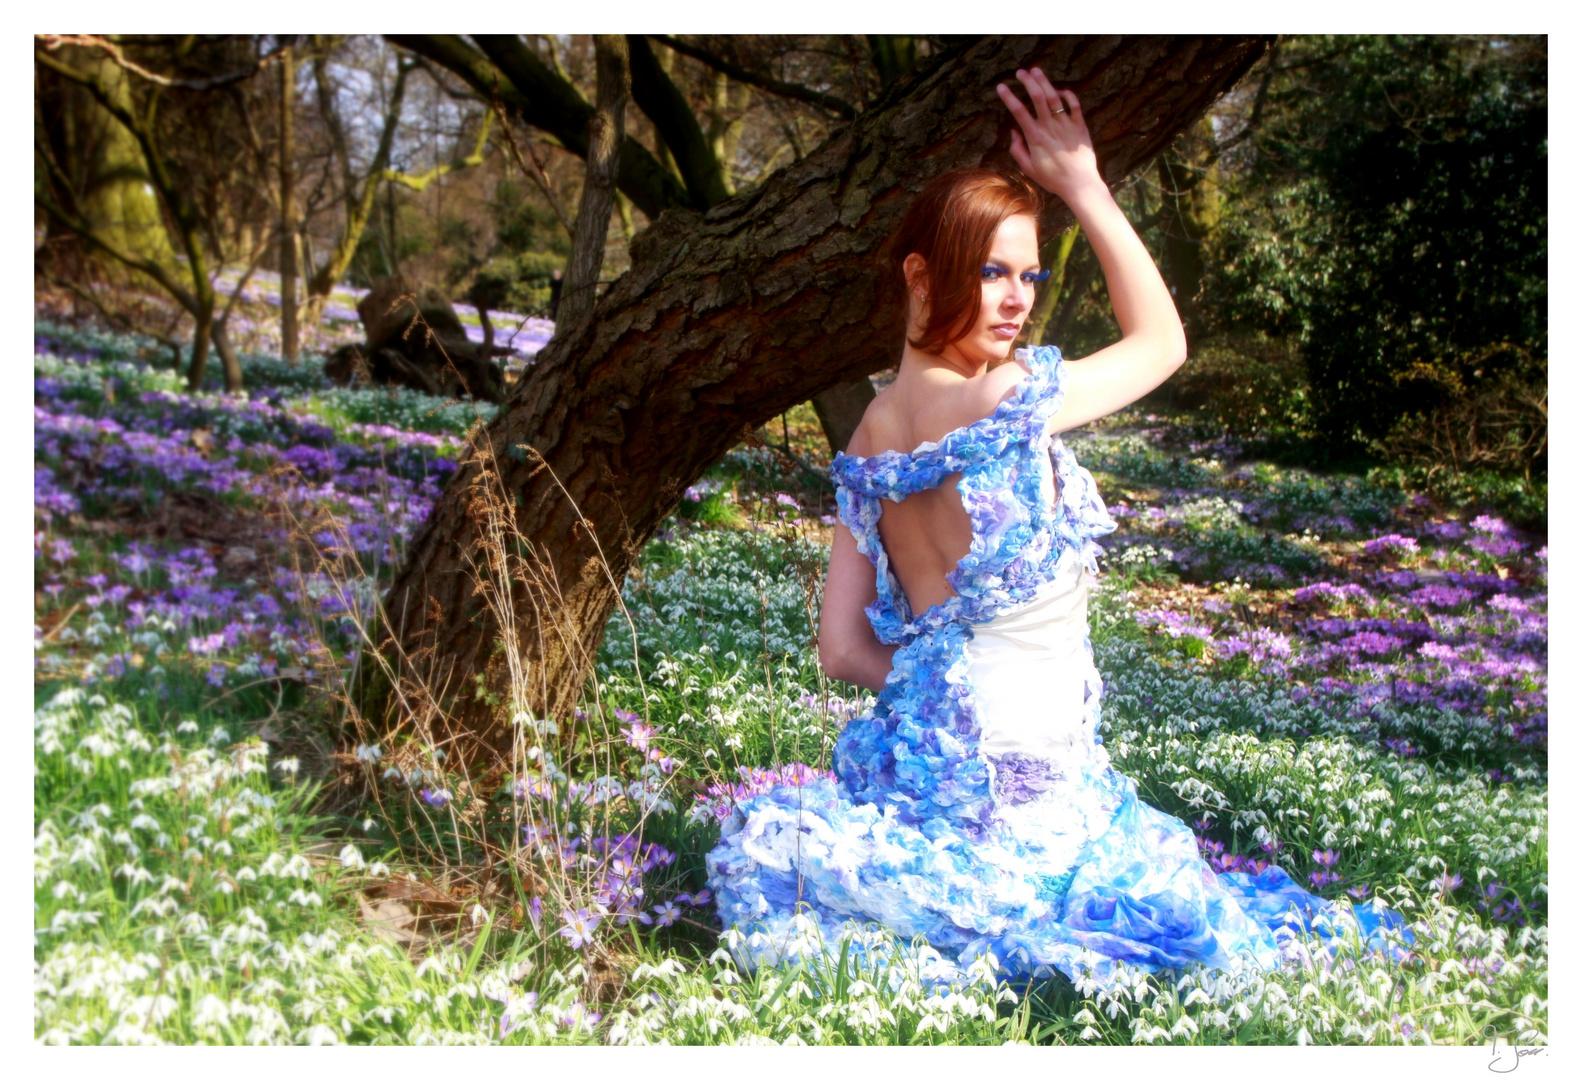 hydrangea fairy tale 2